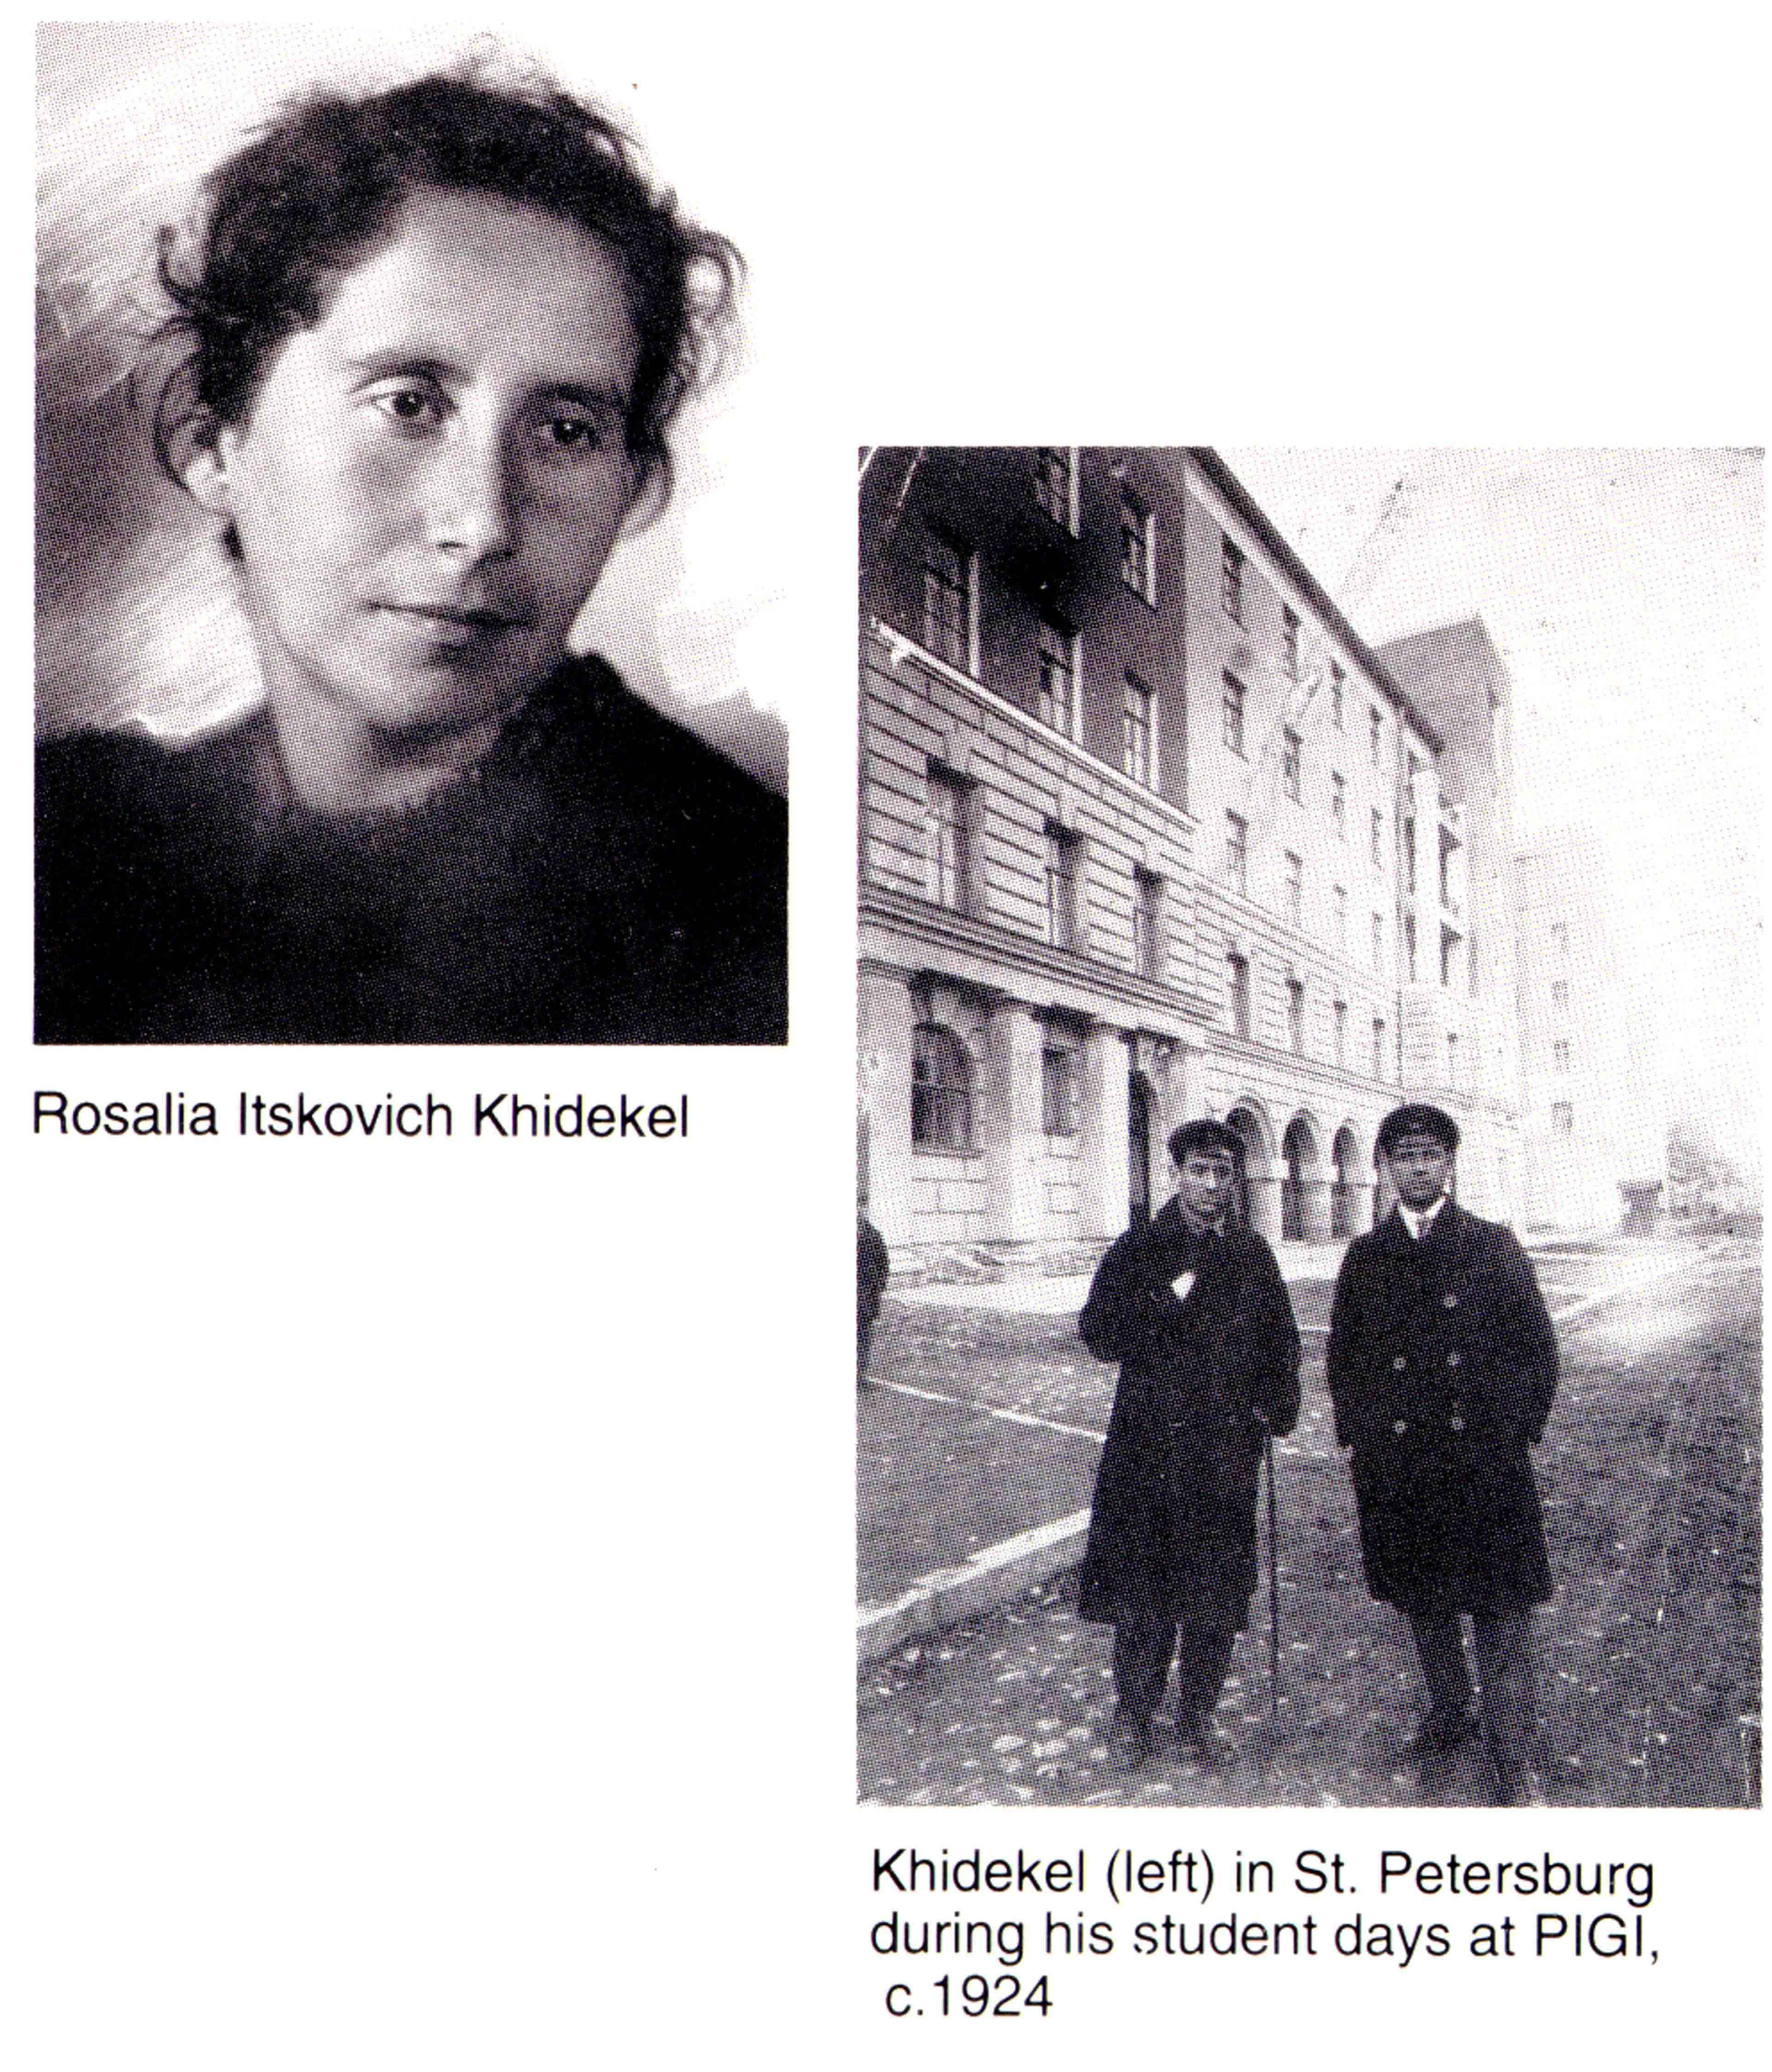 Lazar Khidekel's wife Rosa